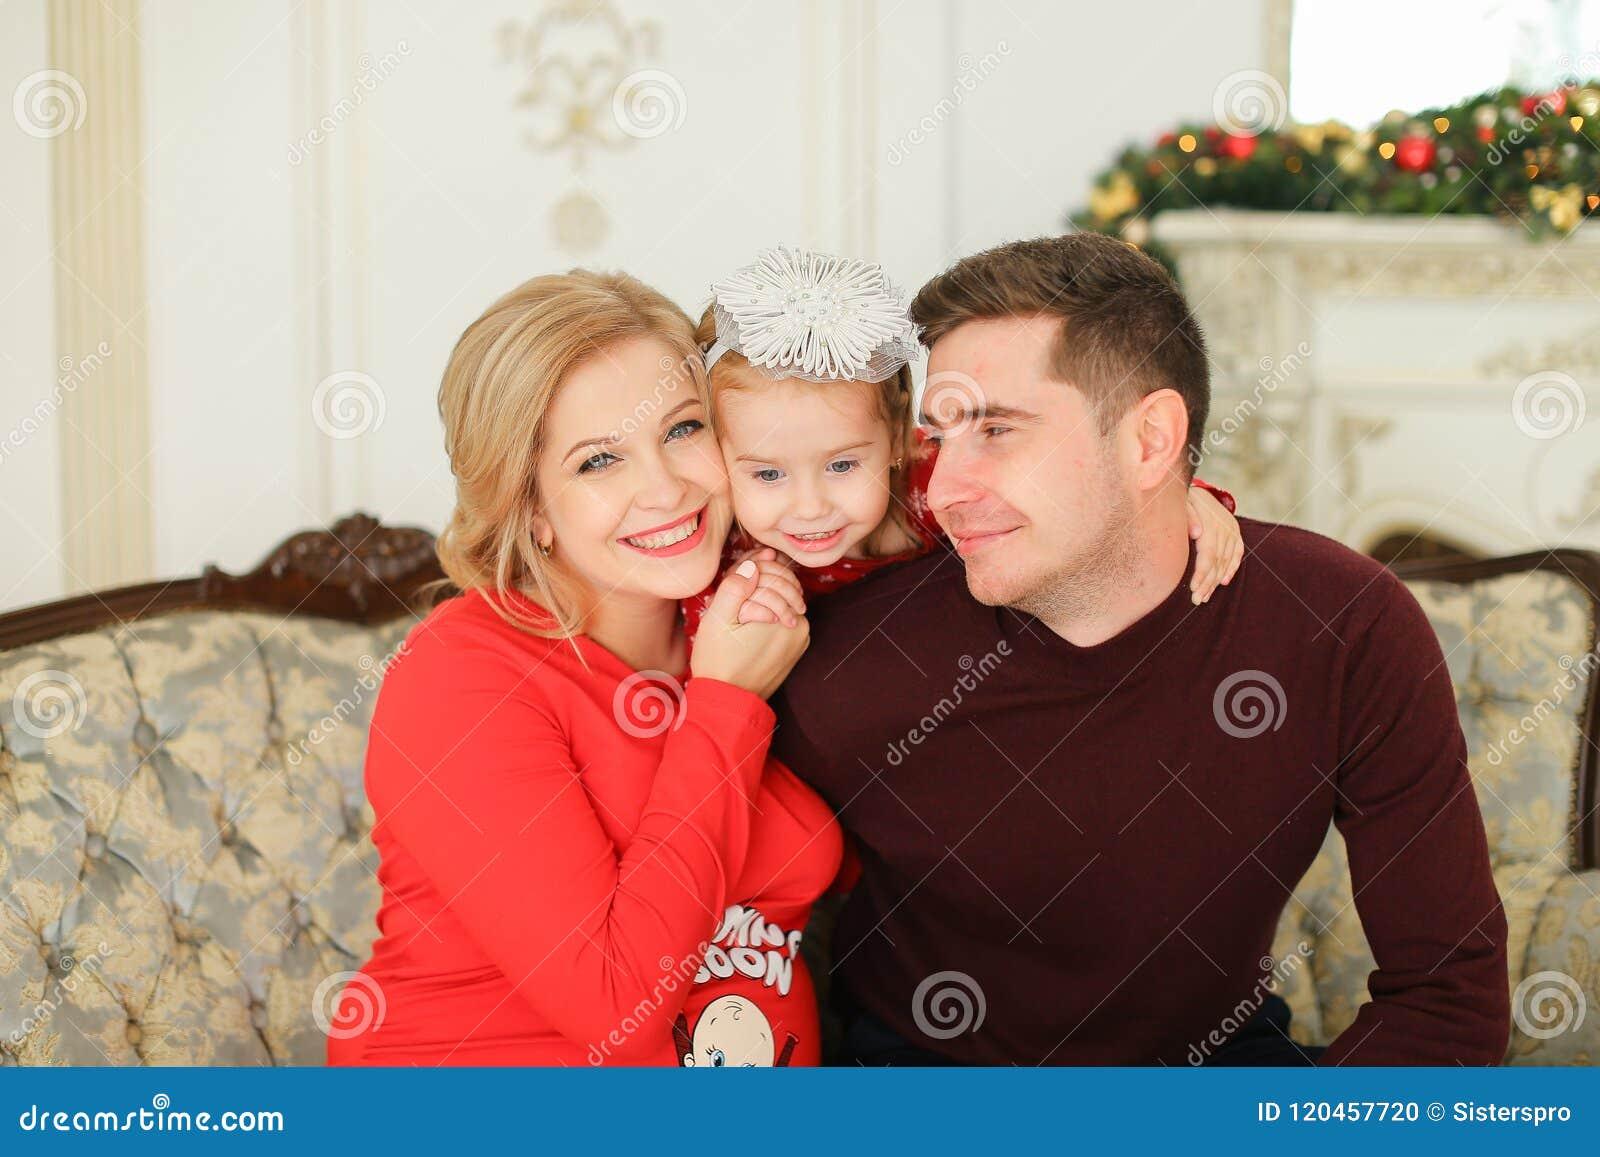 Glückliche Frau und Mann, die mit nahem verziertem Kamin der kleinen Tochter sitzt